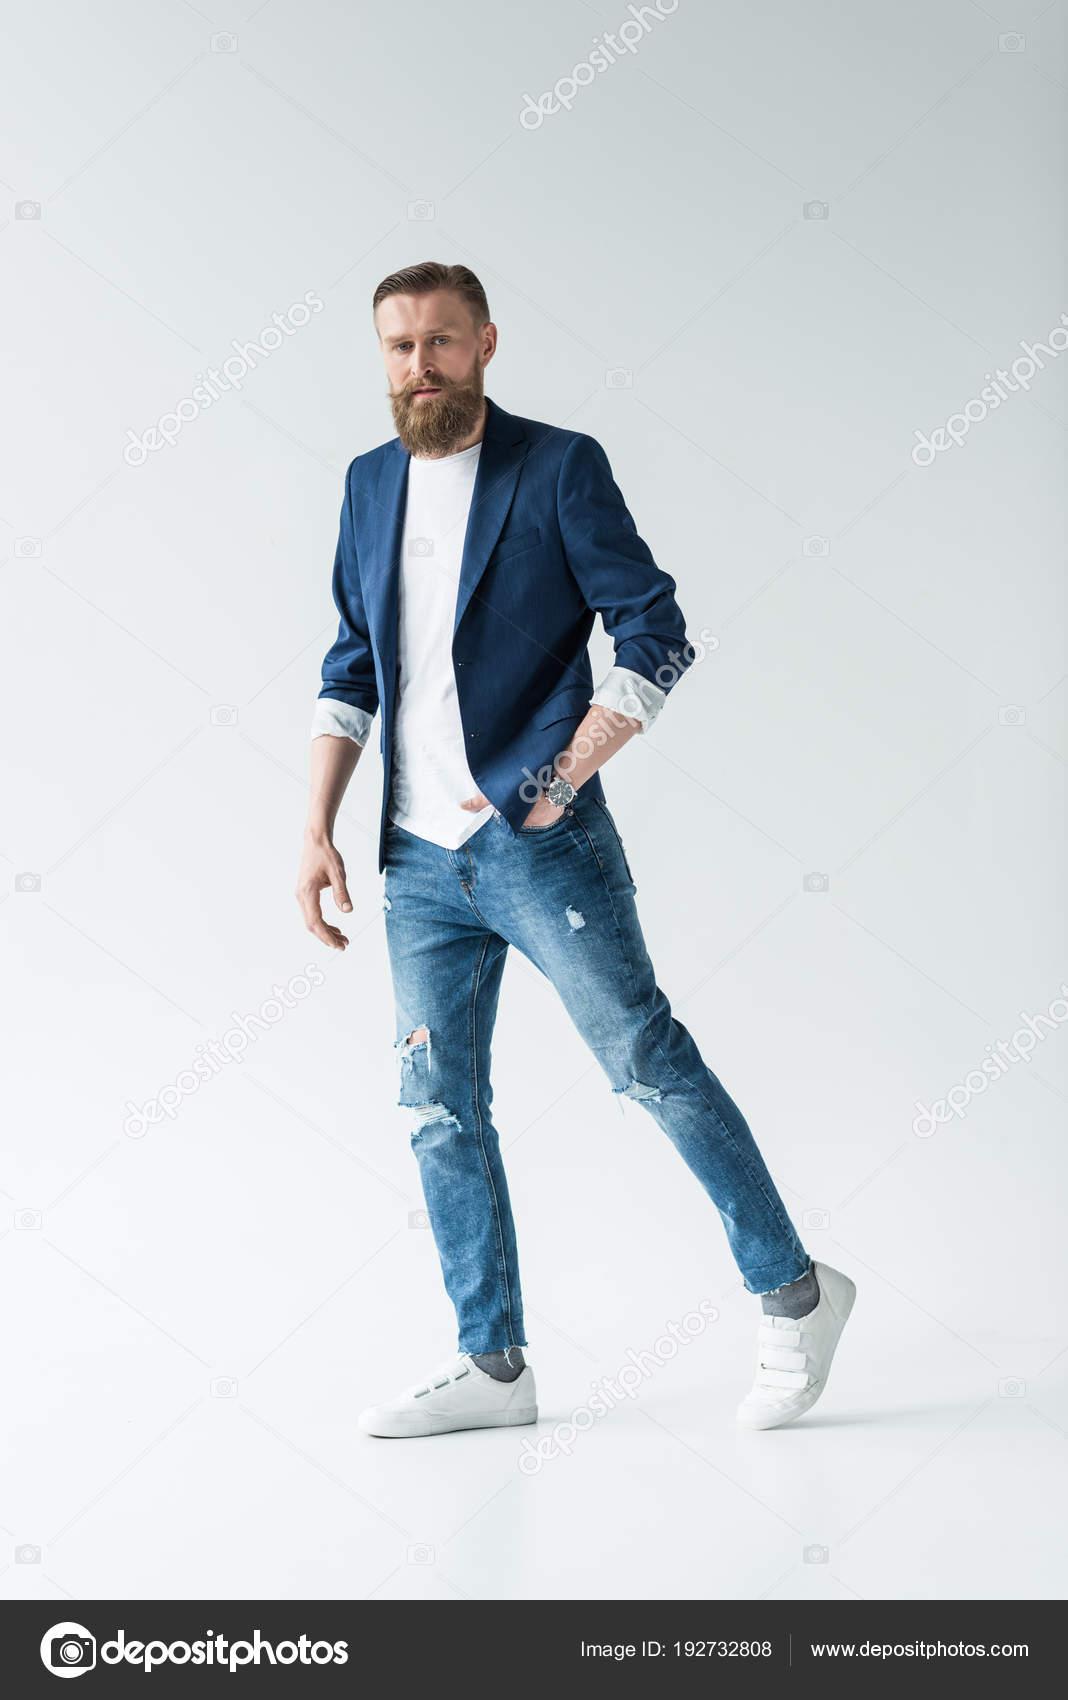 b2abc6561515c Hombre Con Barba Con Estilo Pantalones Vaqueros Chaqueta Aislado Sobre —  Foto de Stock